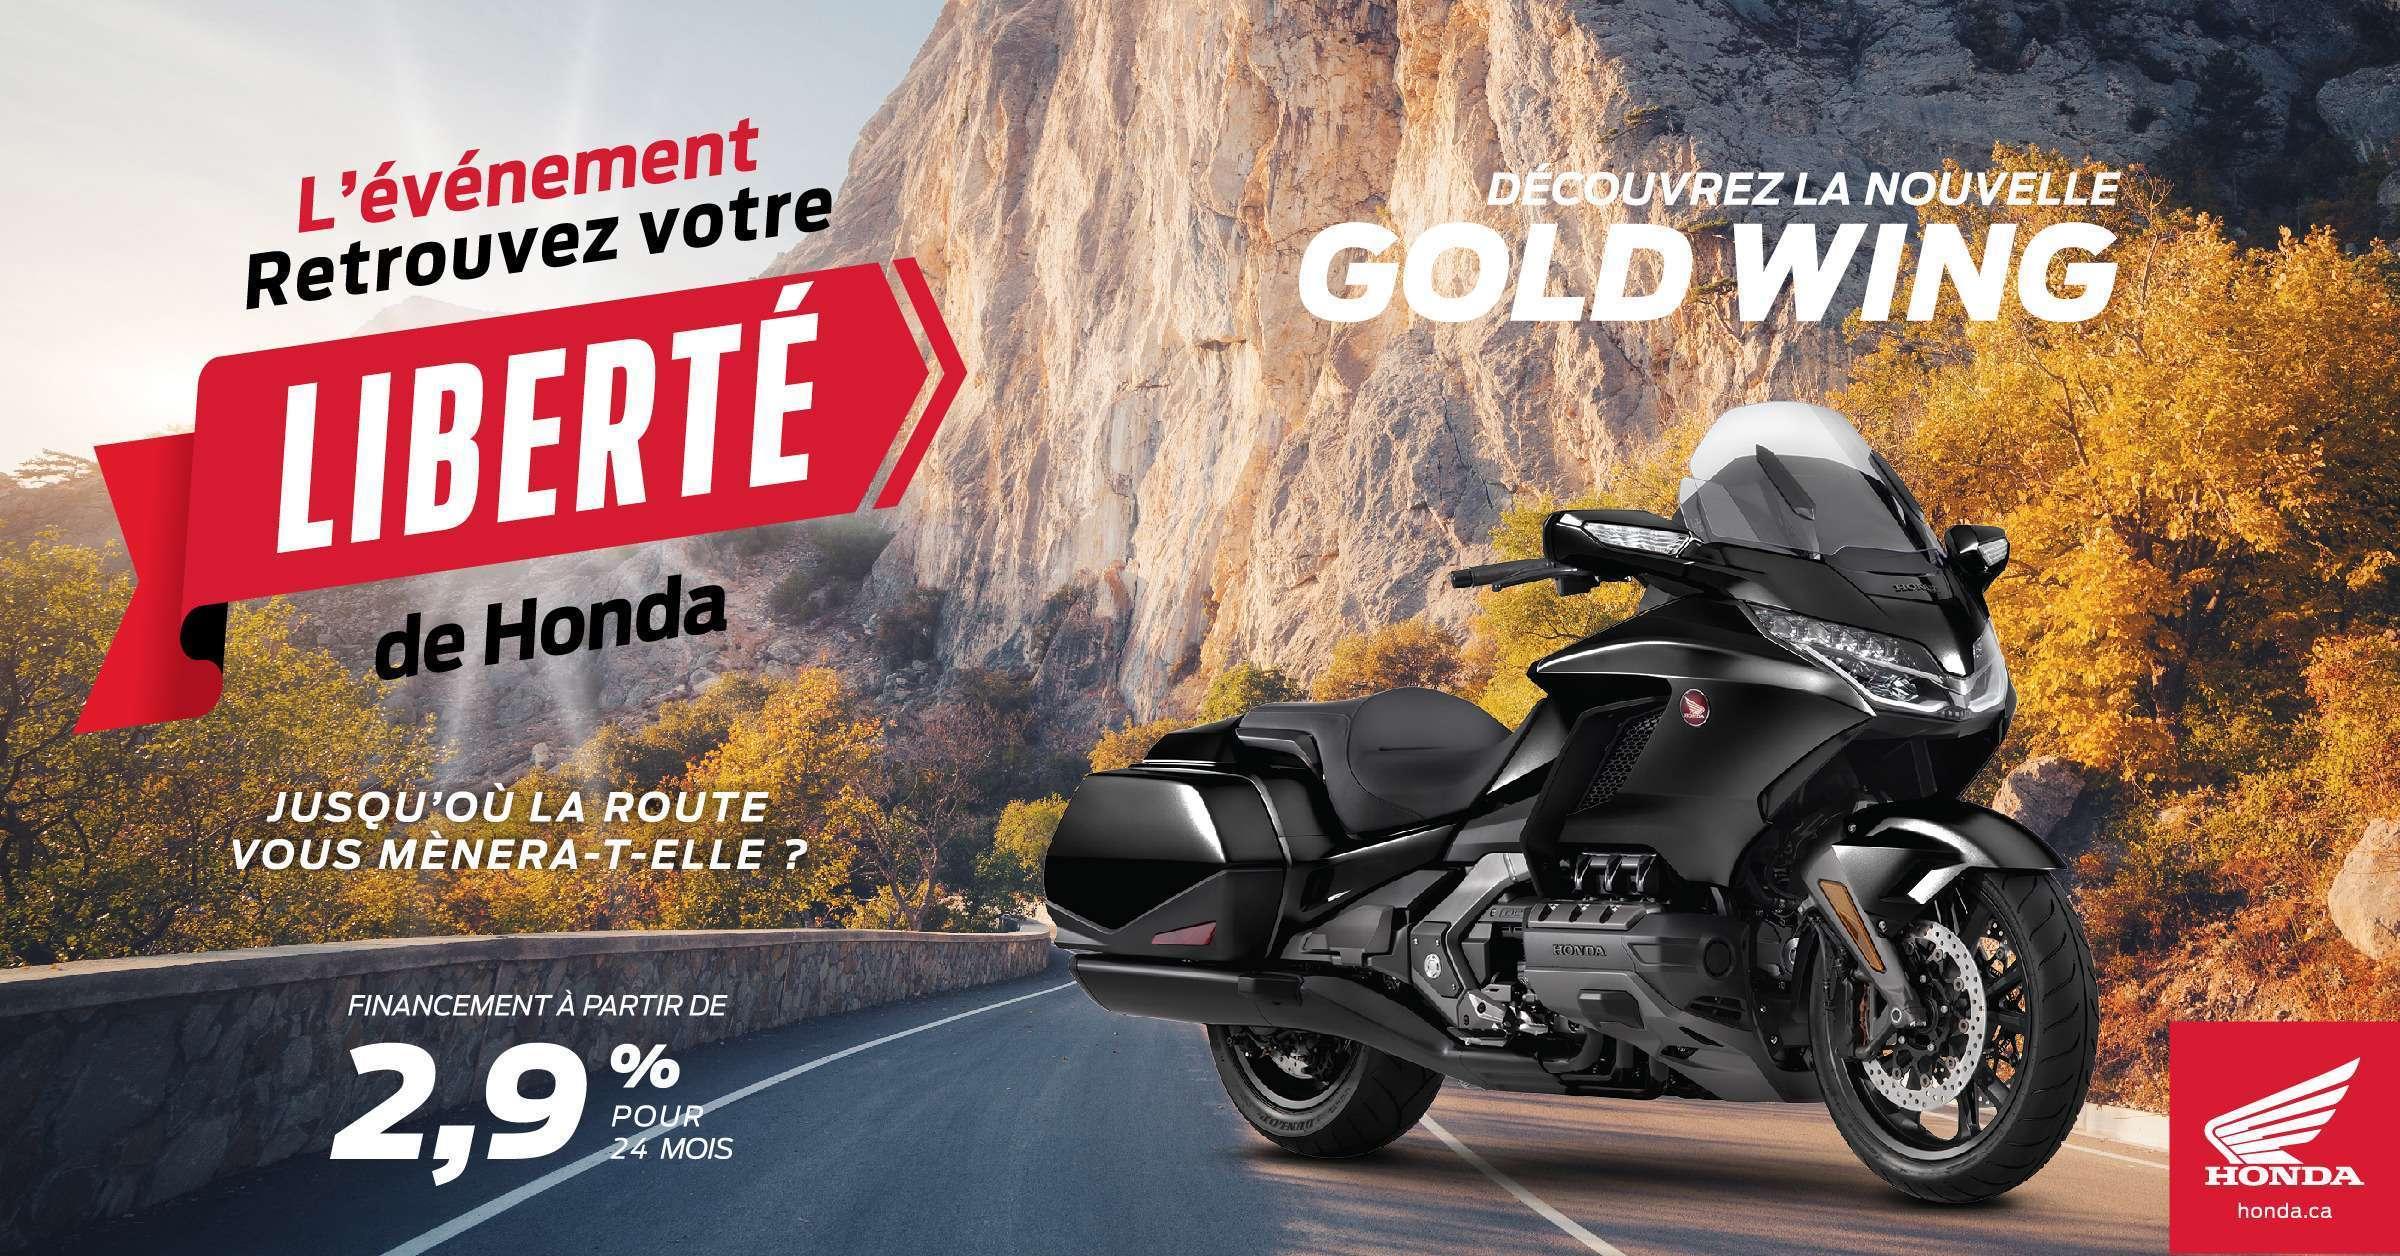 Offrez-vous l'aventure avec l'événement Retrouvez votre liberté de Honda